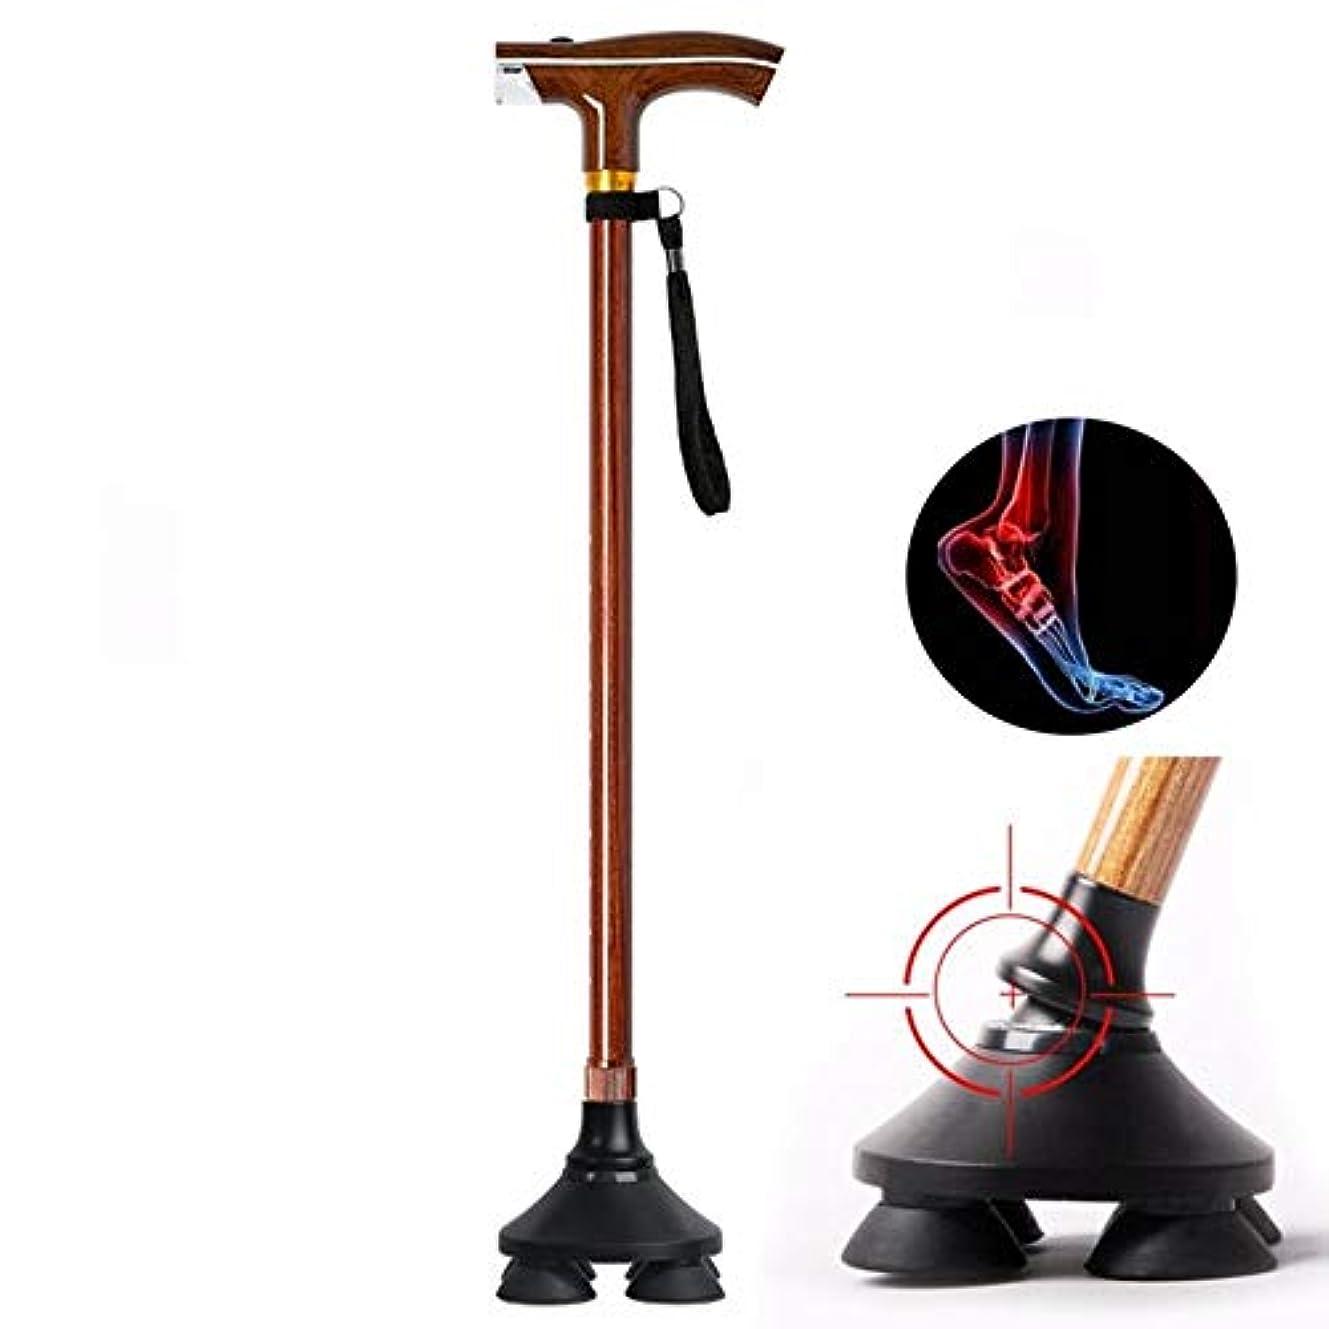 可塑性中間真面目な調節可能な高さのレベルの杖アルミ合金の杖男性女性関節炎高齢者障害者と高齢者の杖人間工学に基づいたハンドル (Color : Red)